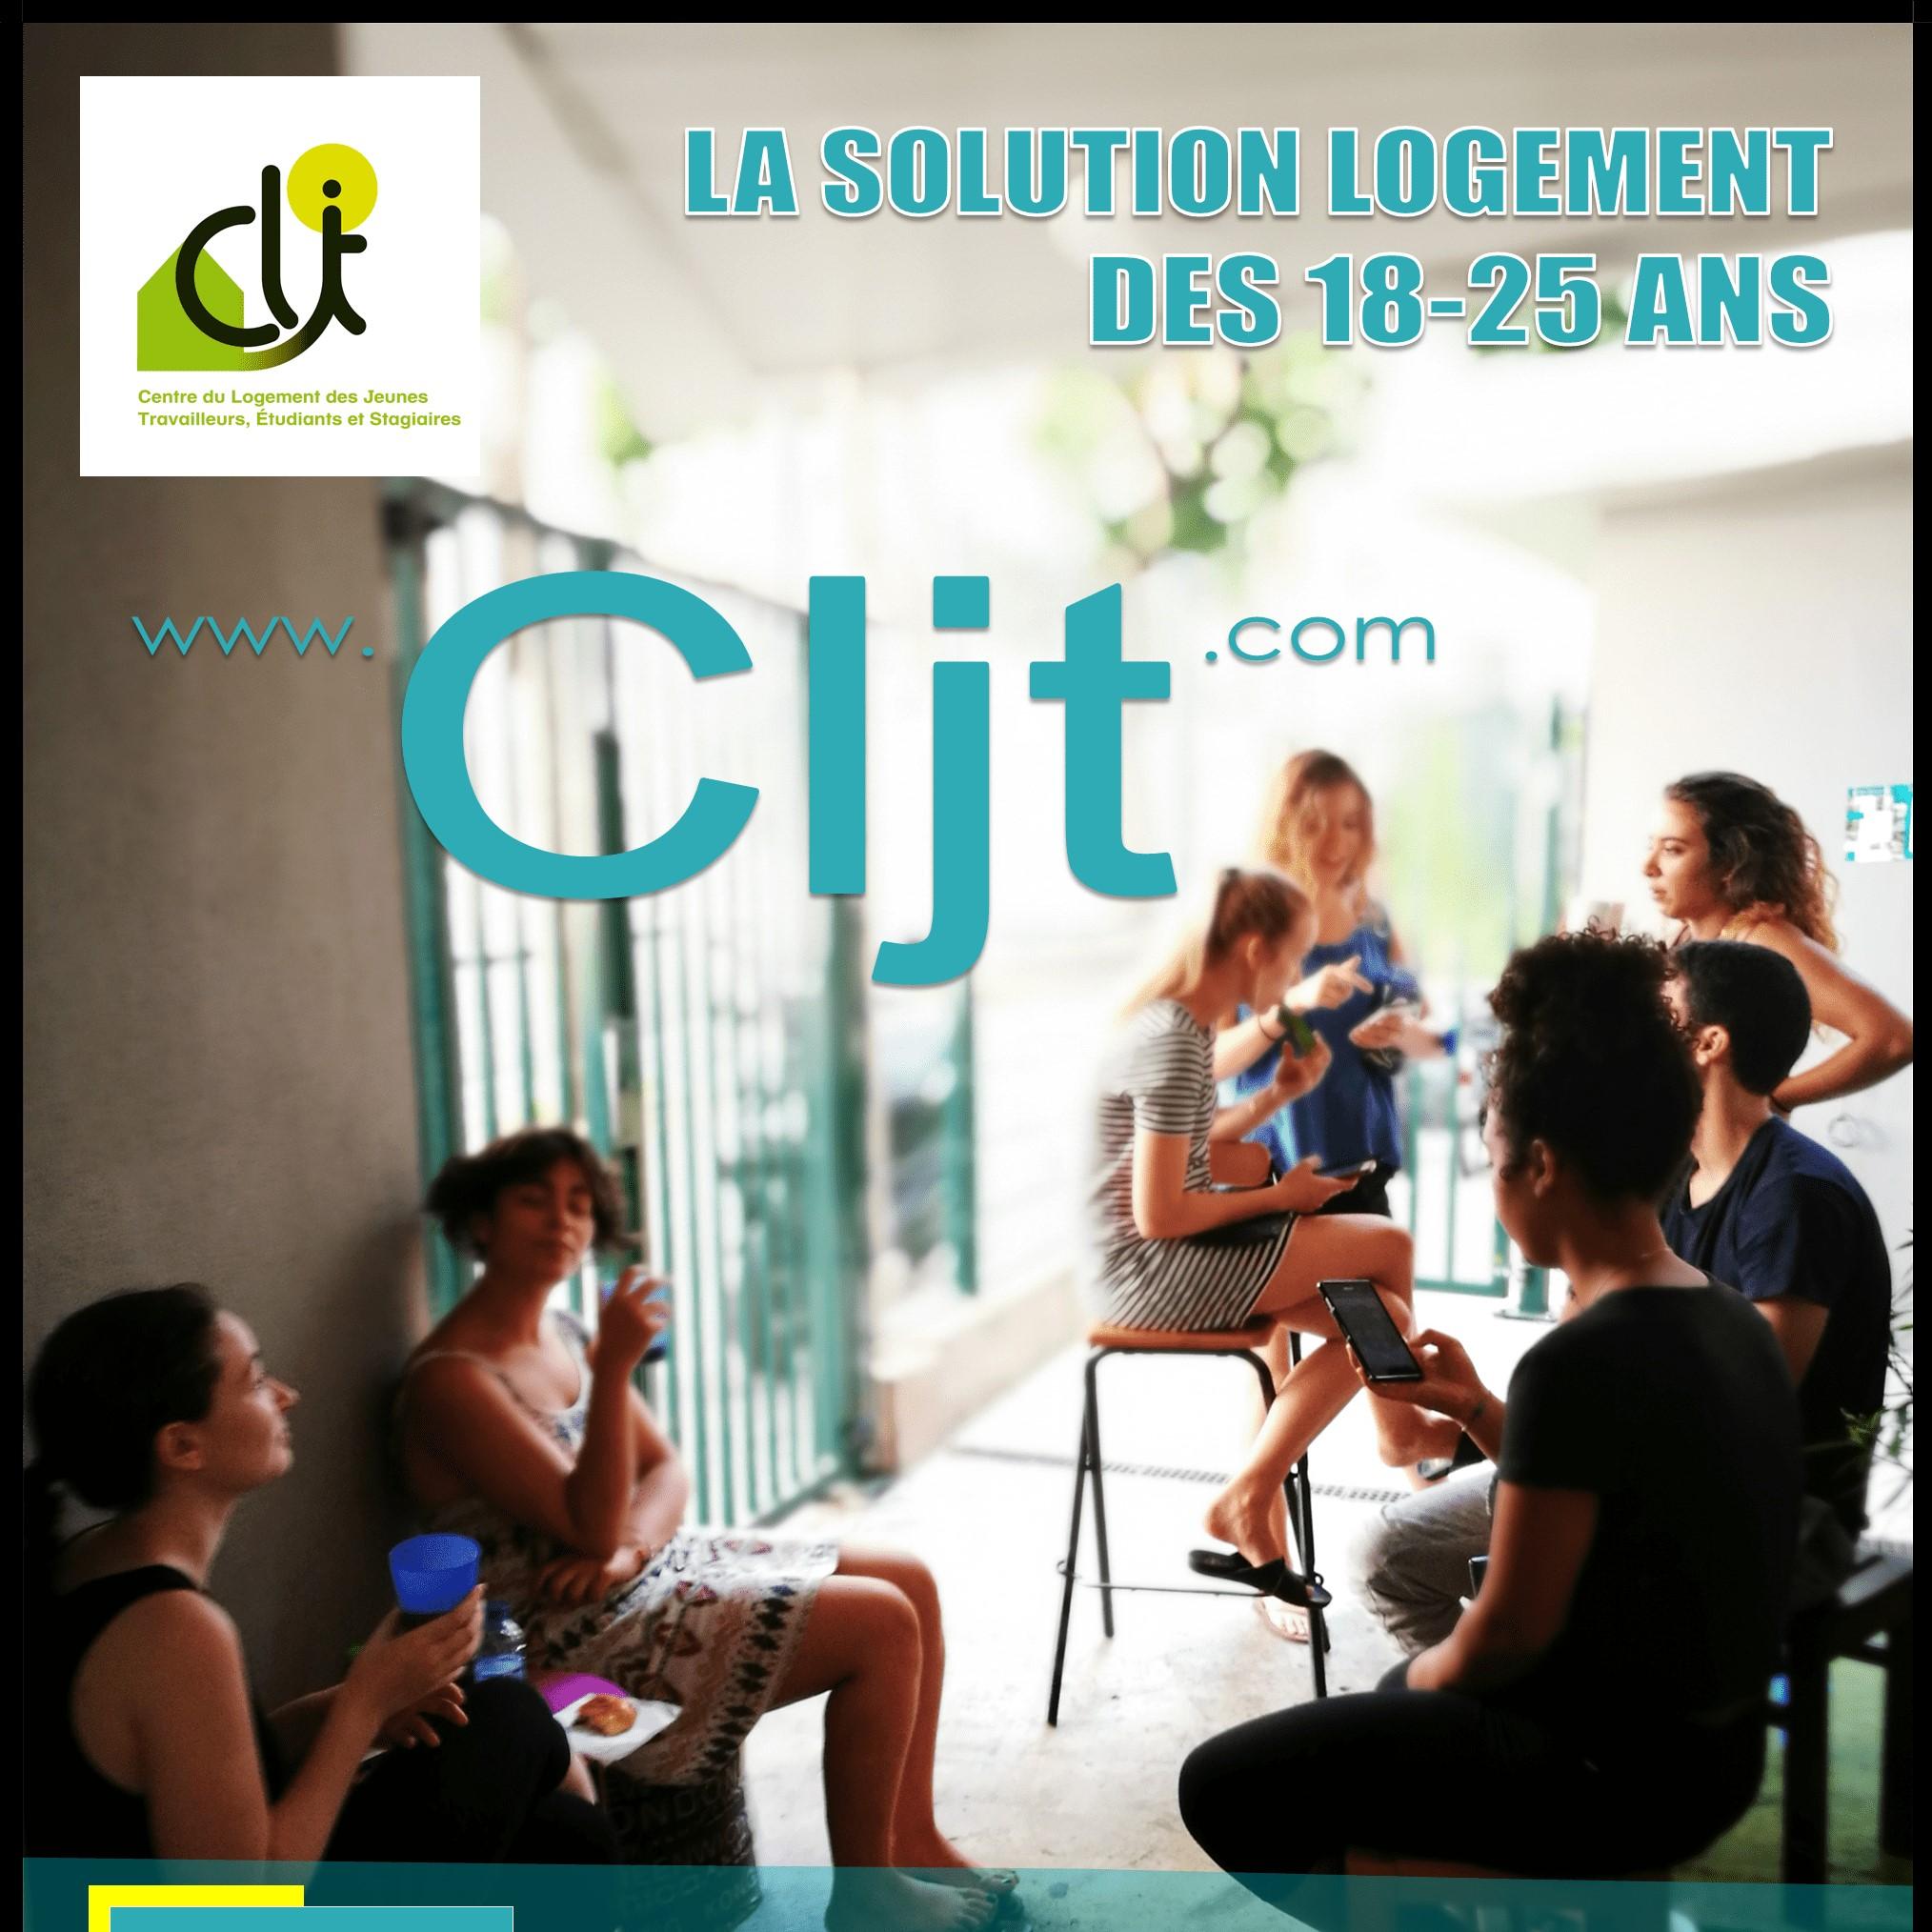 Logo de CLJT- OFFRES DE LOGEMENTS